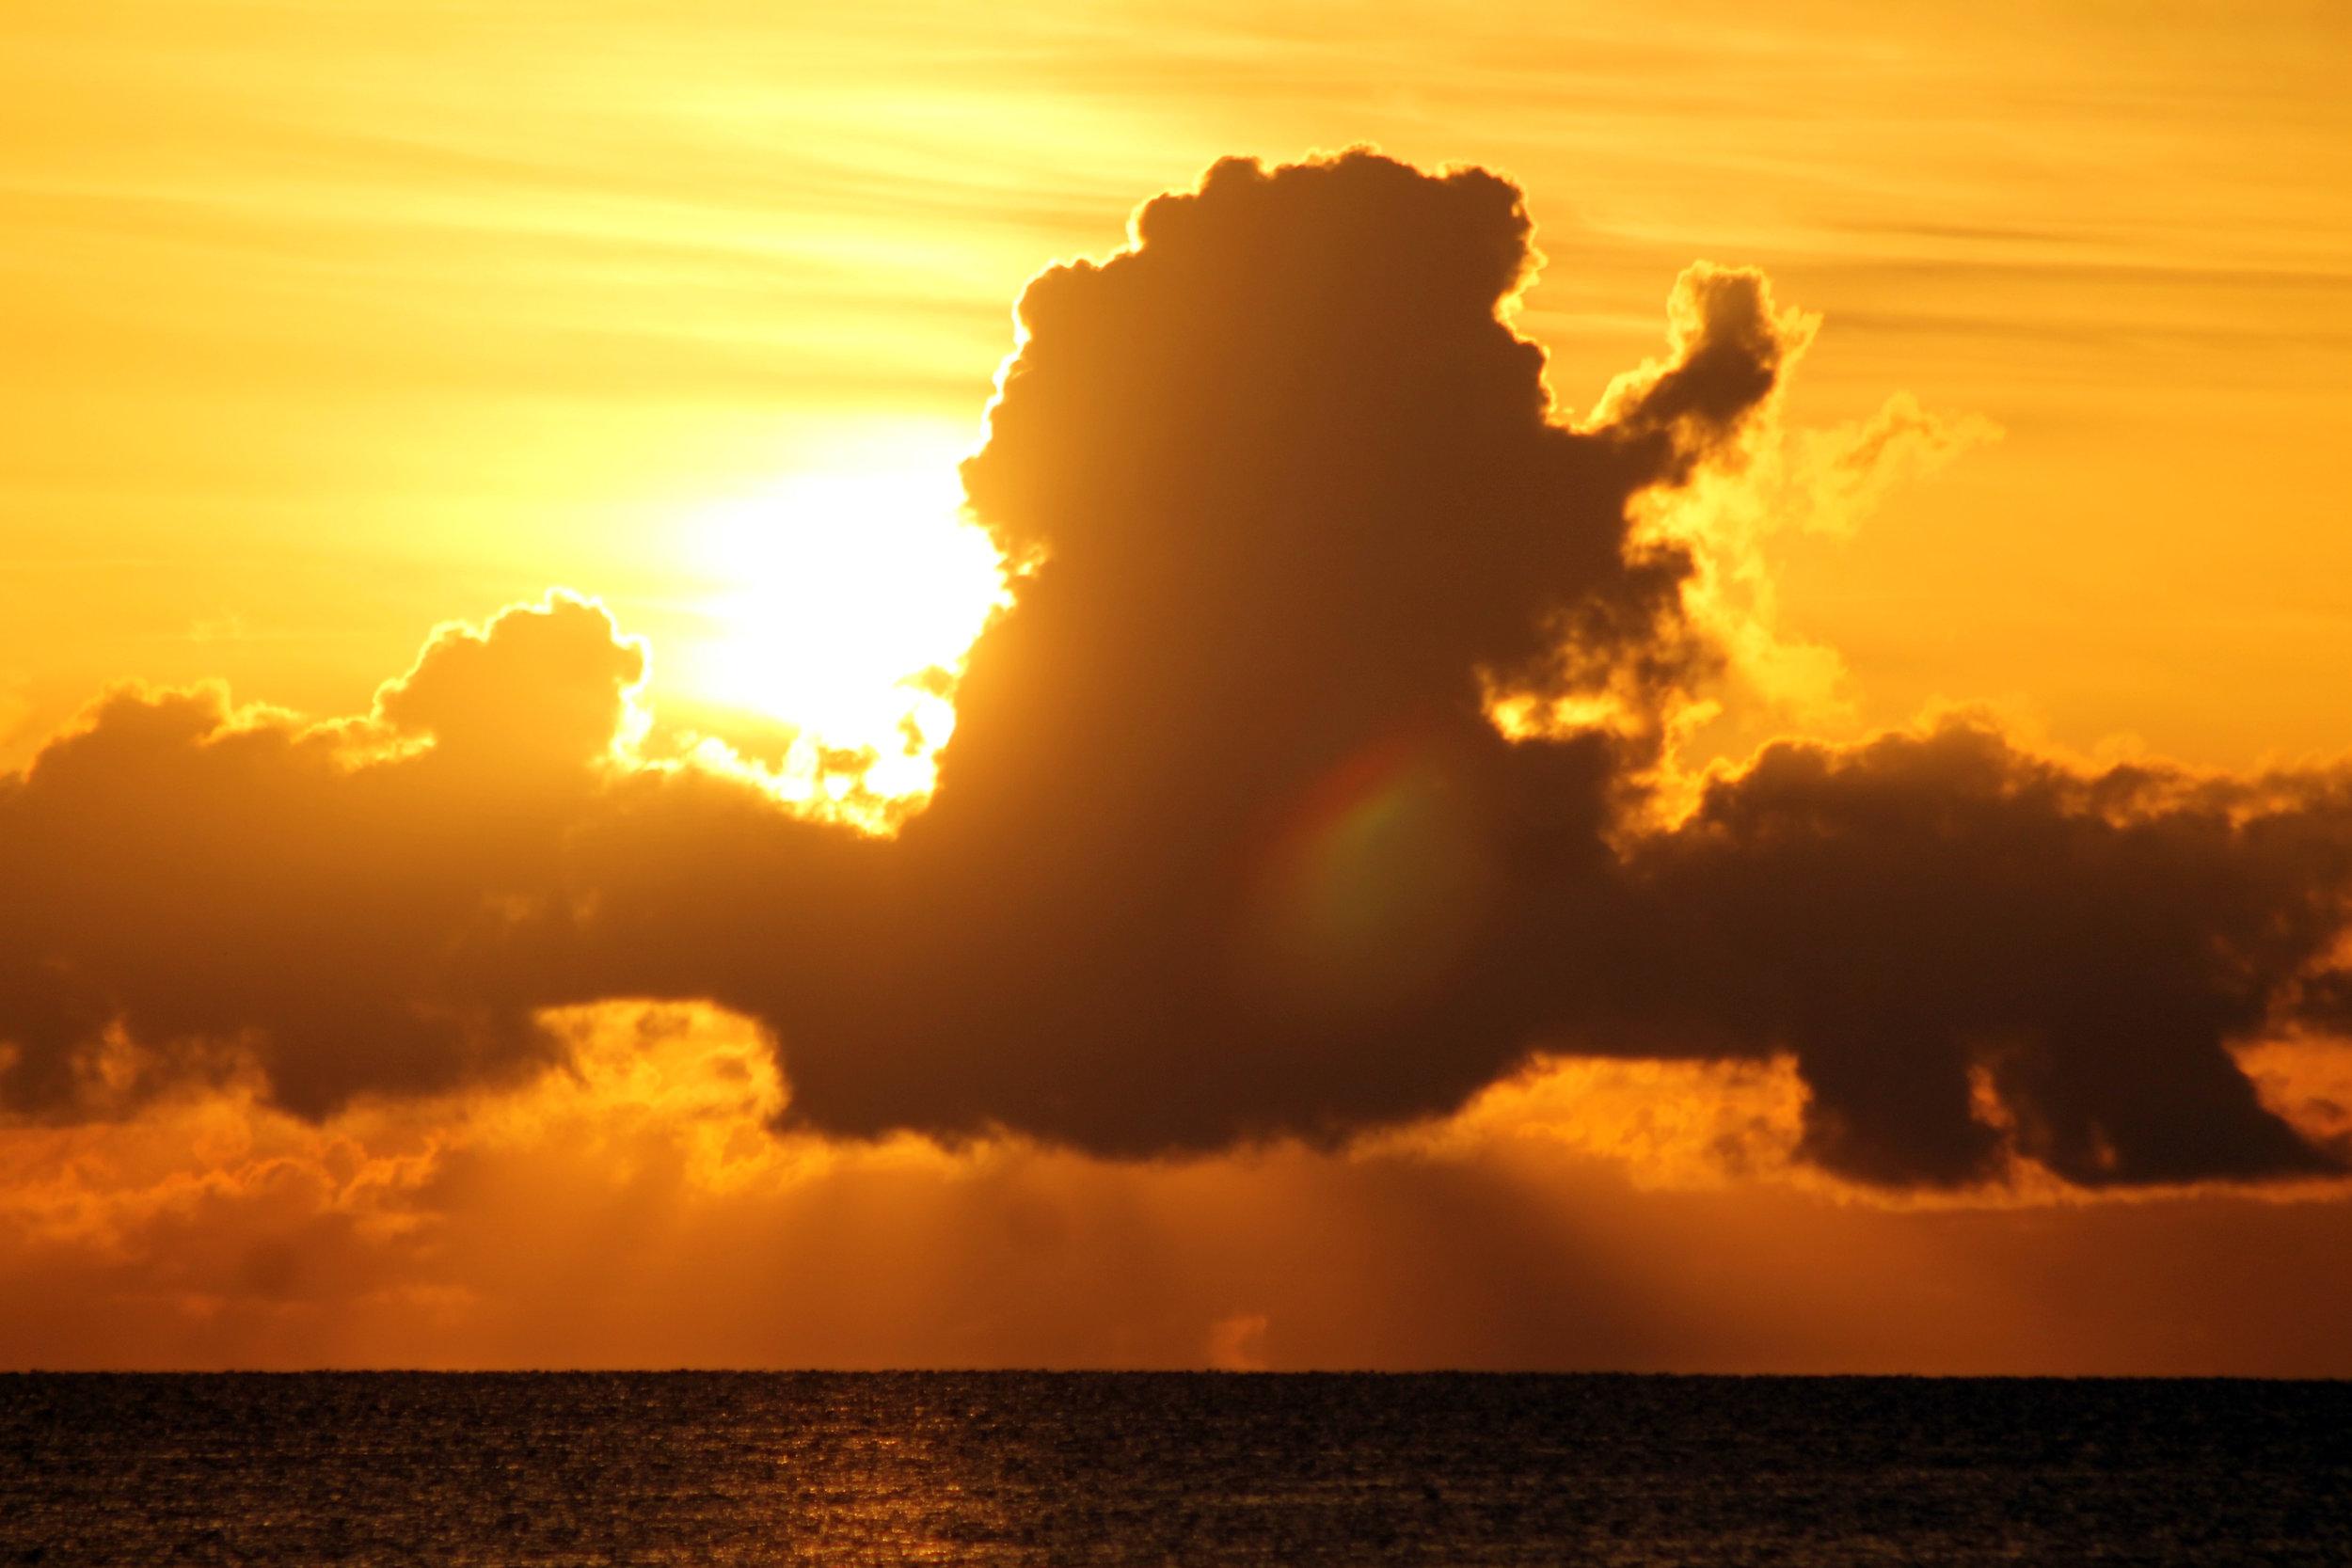 aaaa_Jimmy_Morning Sun.jpg